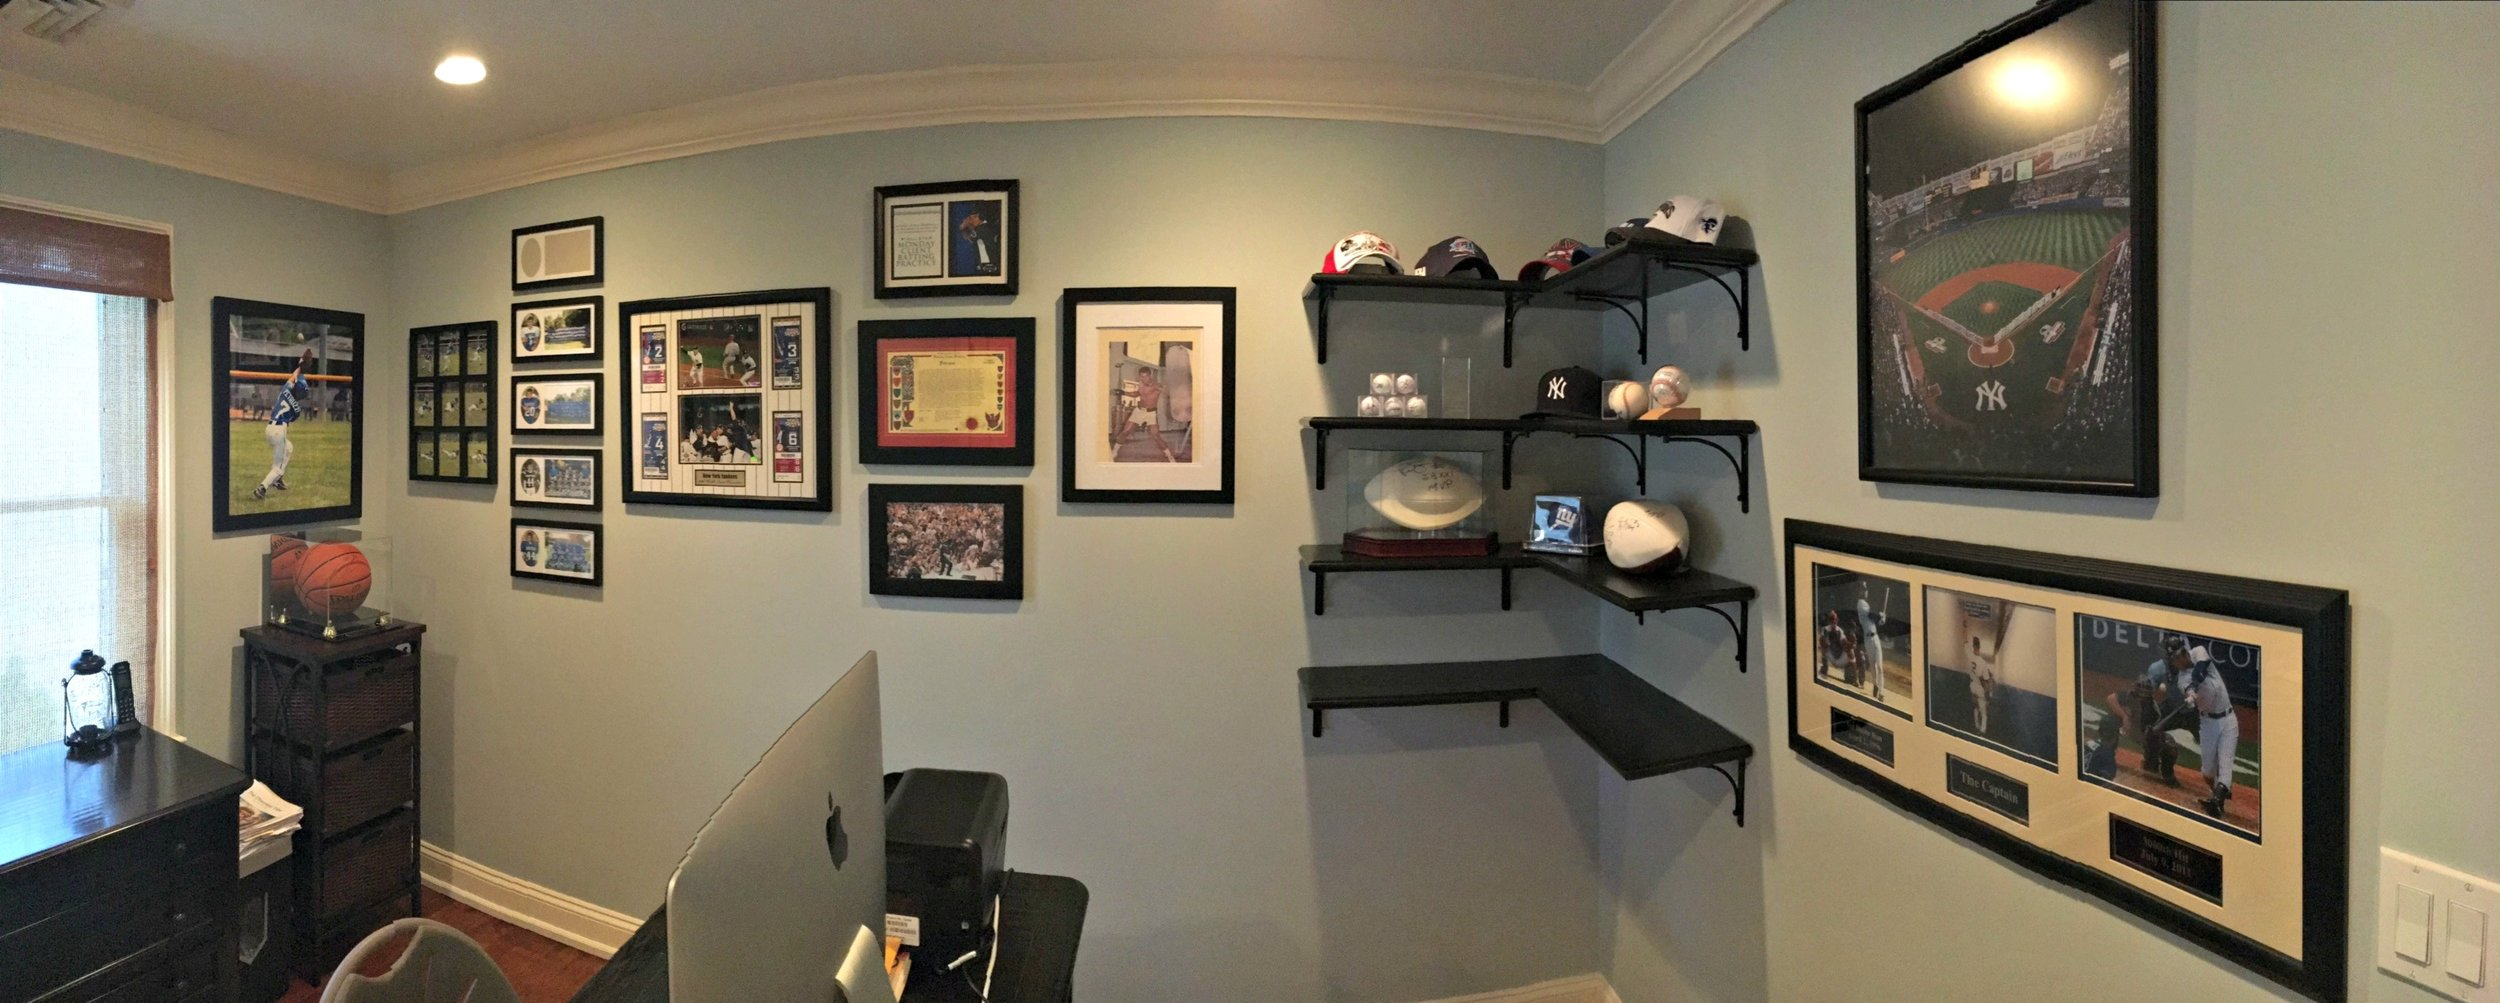 Copy of Office Memorabilia Room